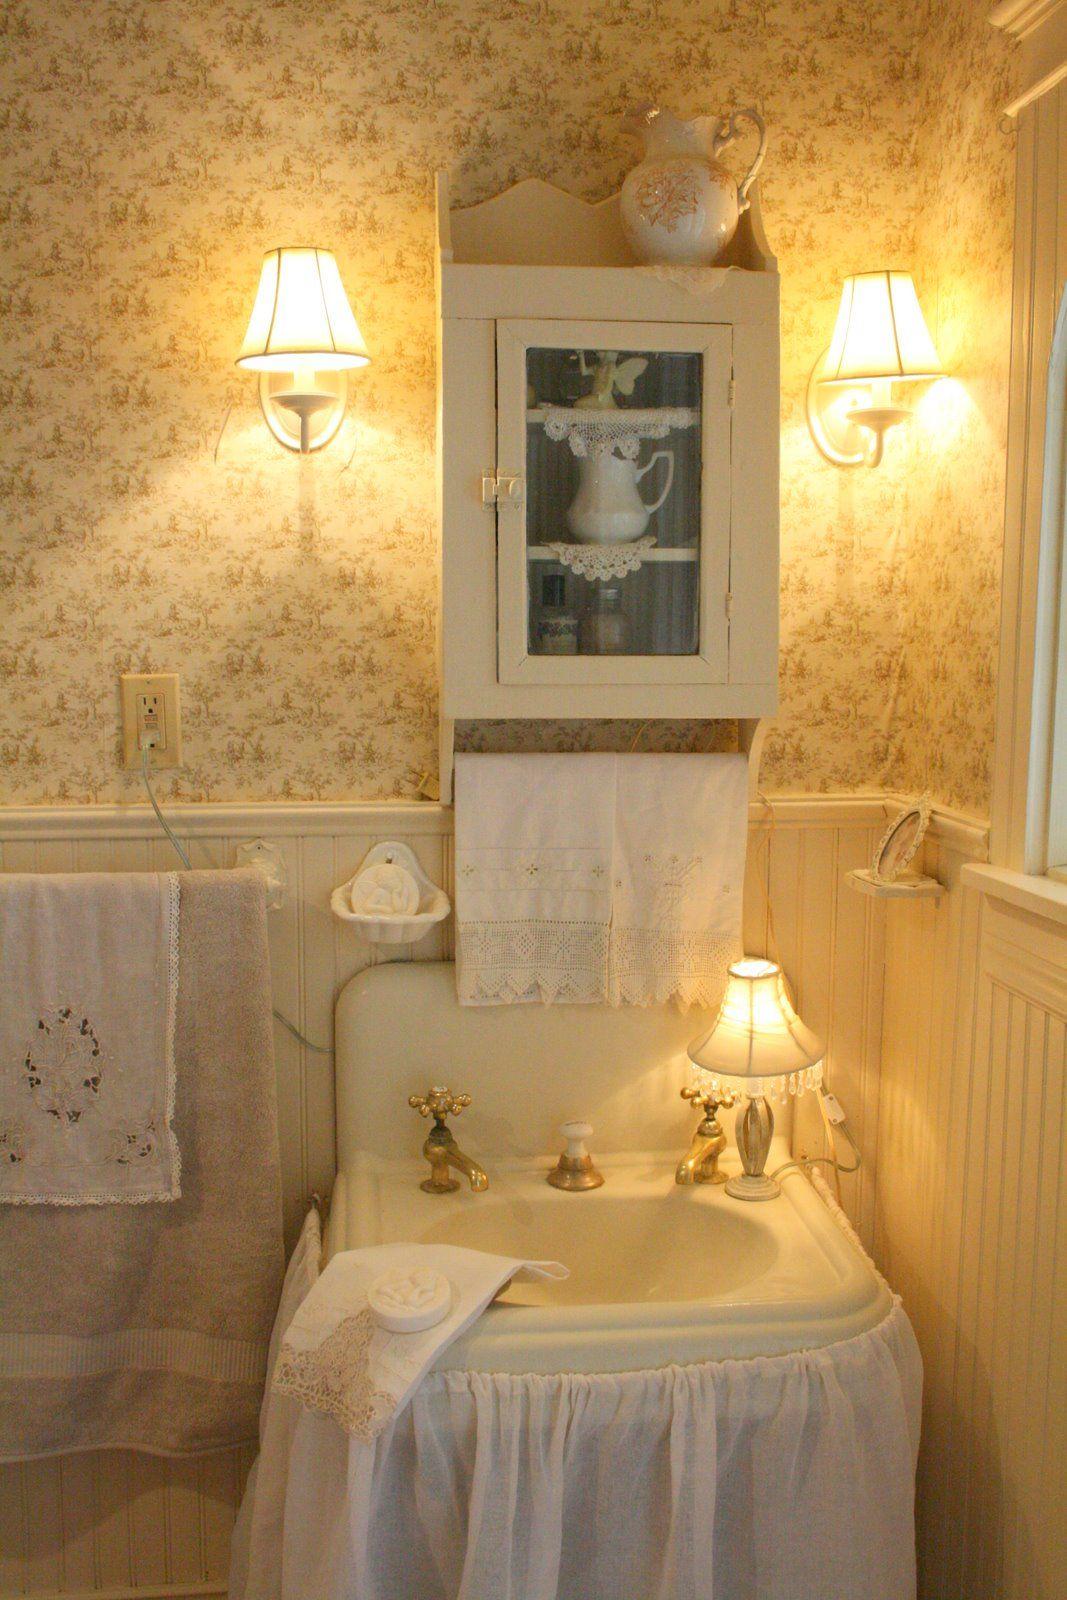 Aiken House & Gardens - Baths   Pinterest - Frans platteland ...